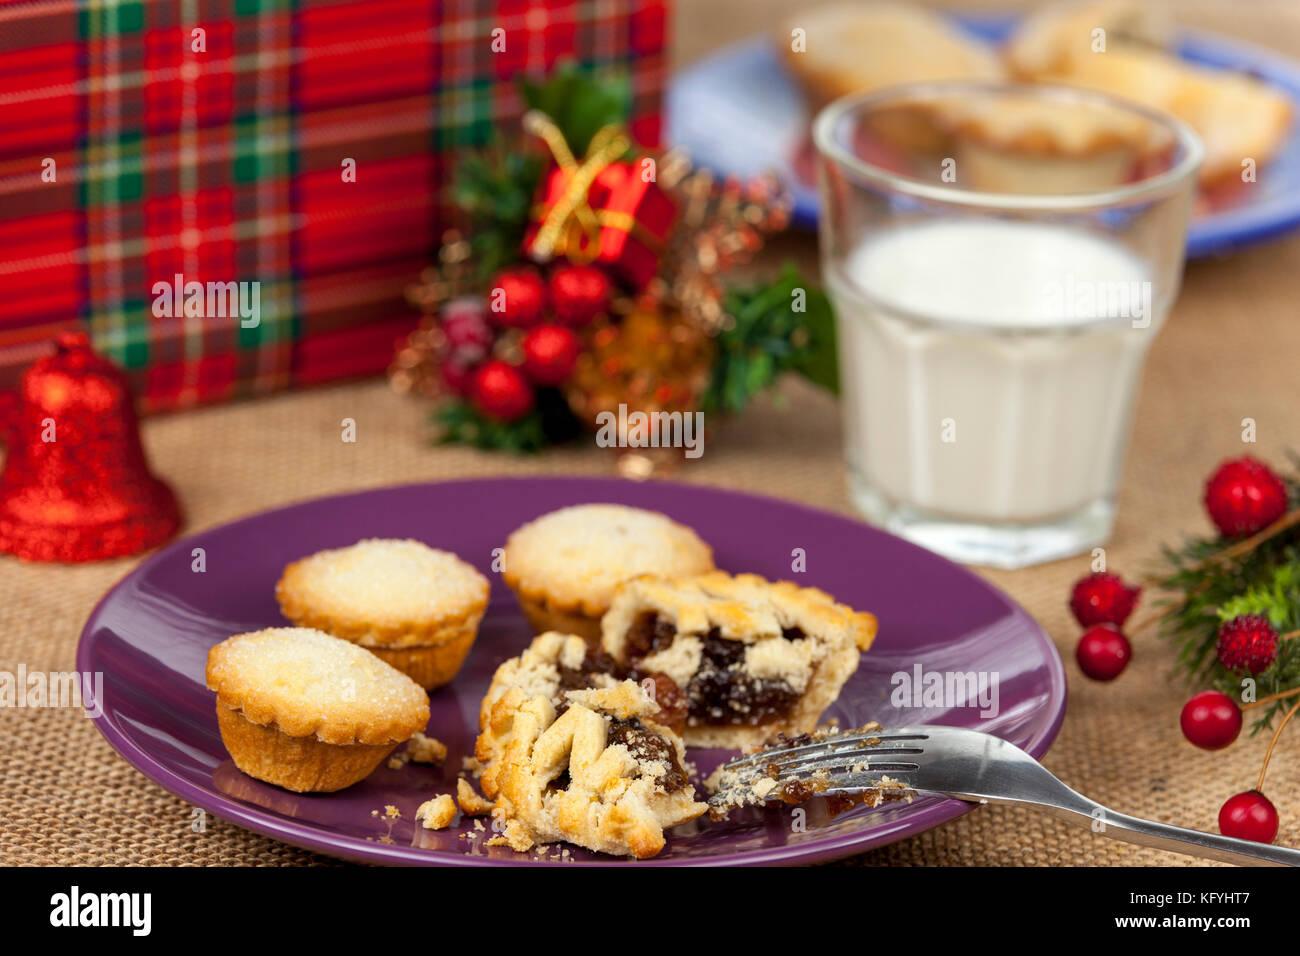 Pastel de Carne picada roto una placa púrpura con un vaso de leche en una mesa de navidad con un mantel arpillera Imagen De Stock